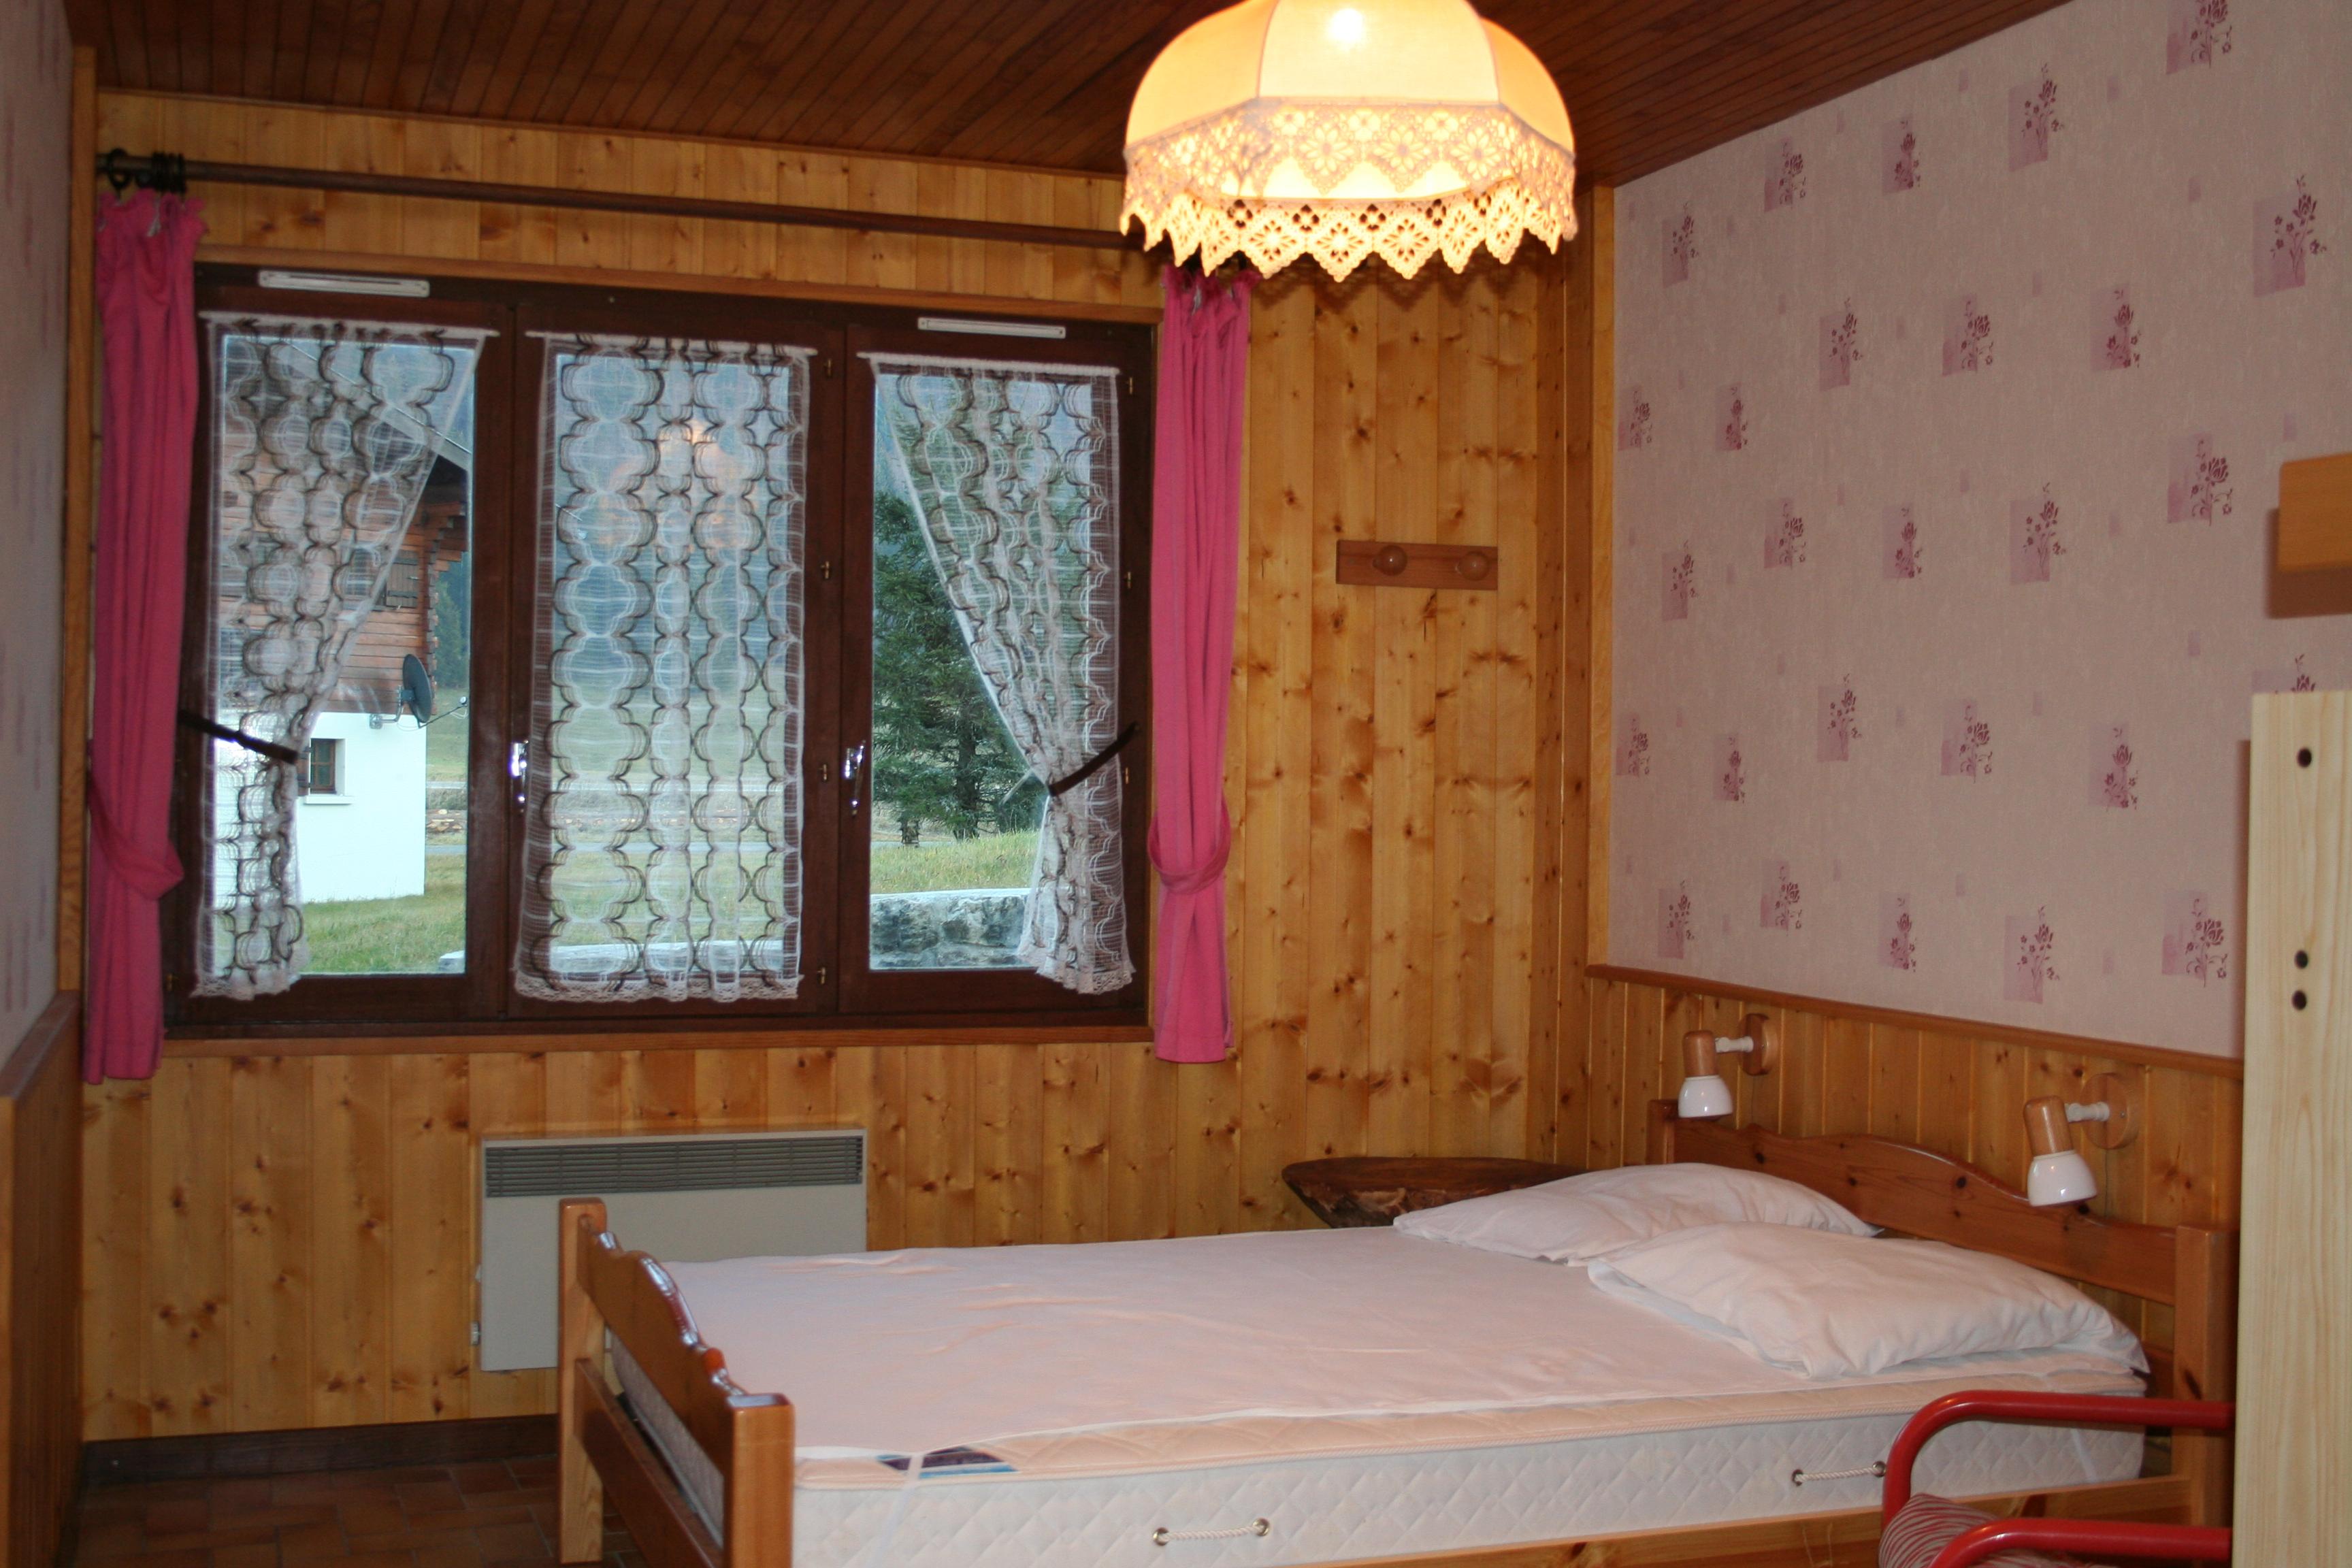 Appartement de 4 personne dans un chalet la combe du lac for Amour dans la salle de bain